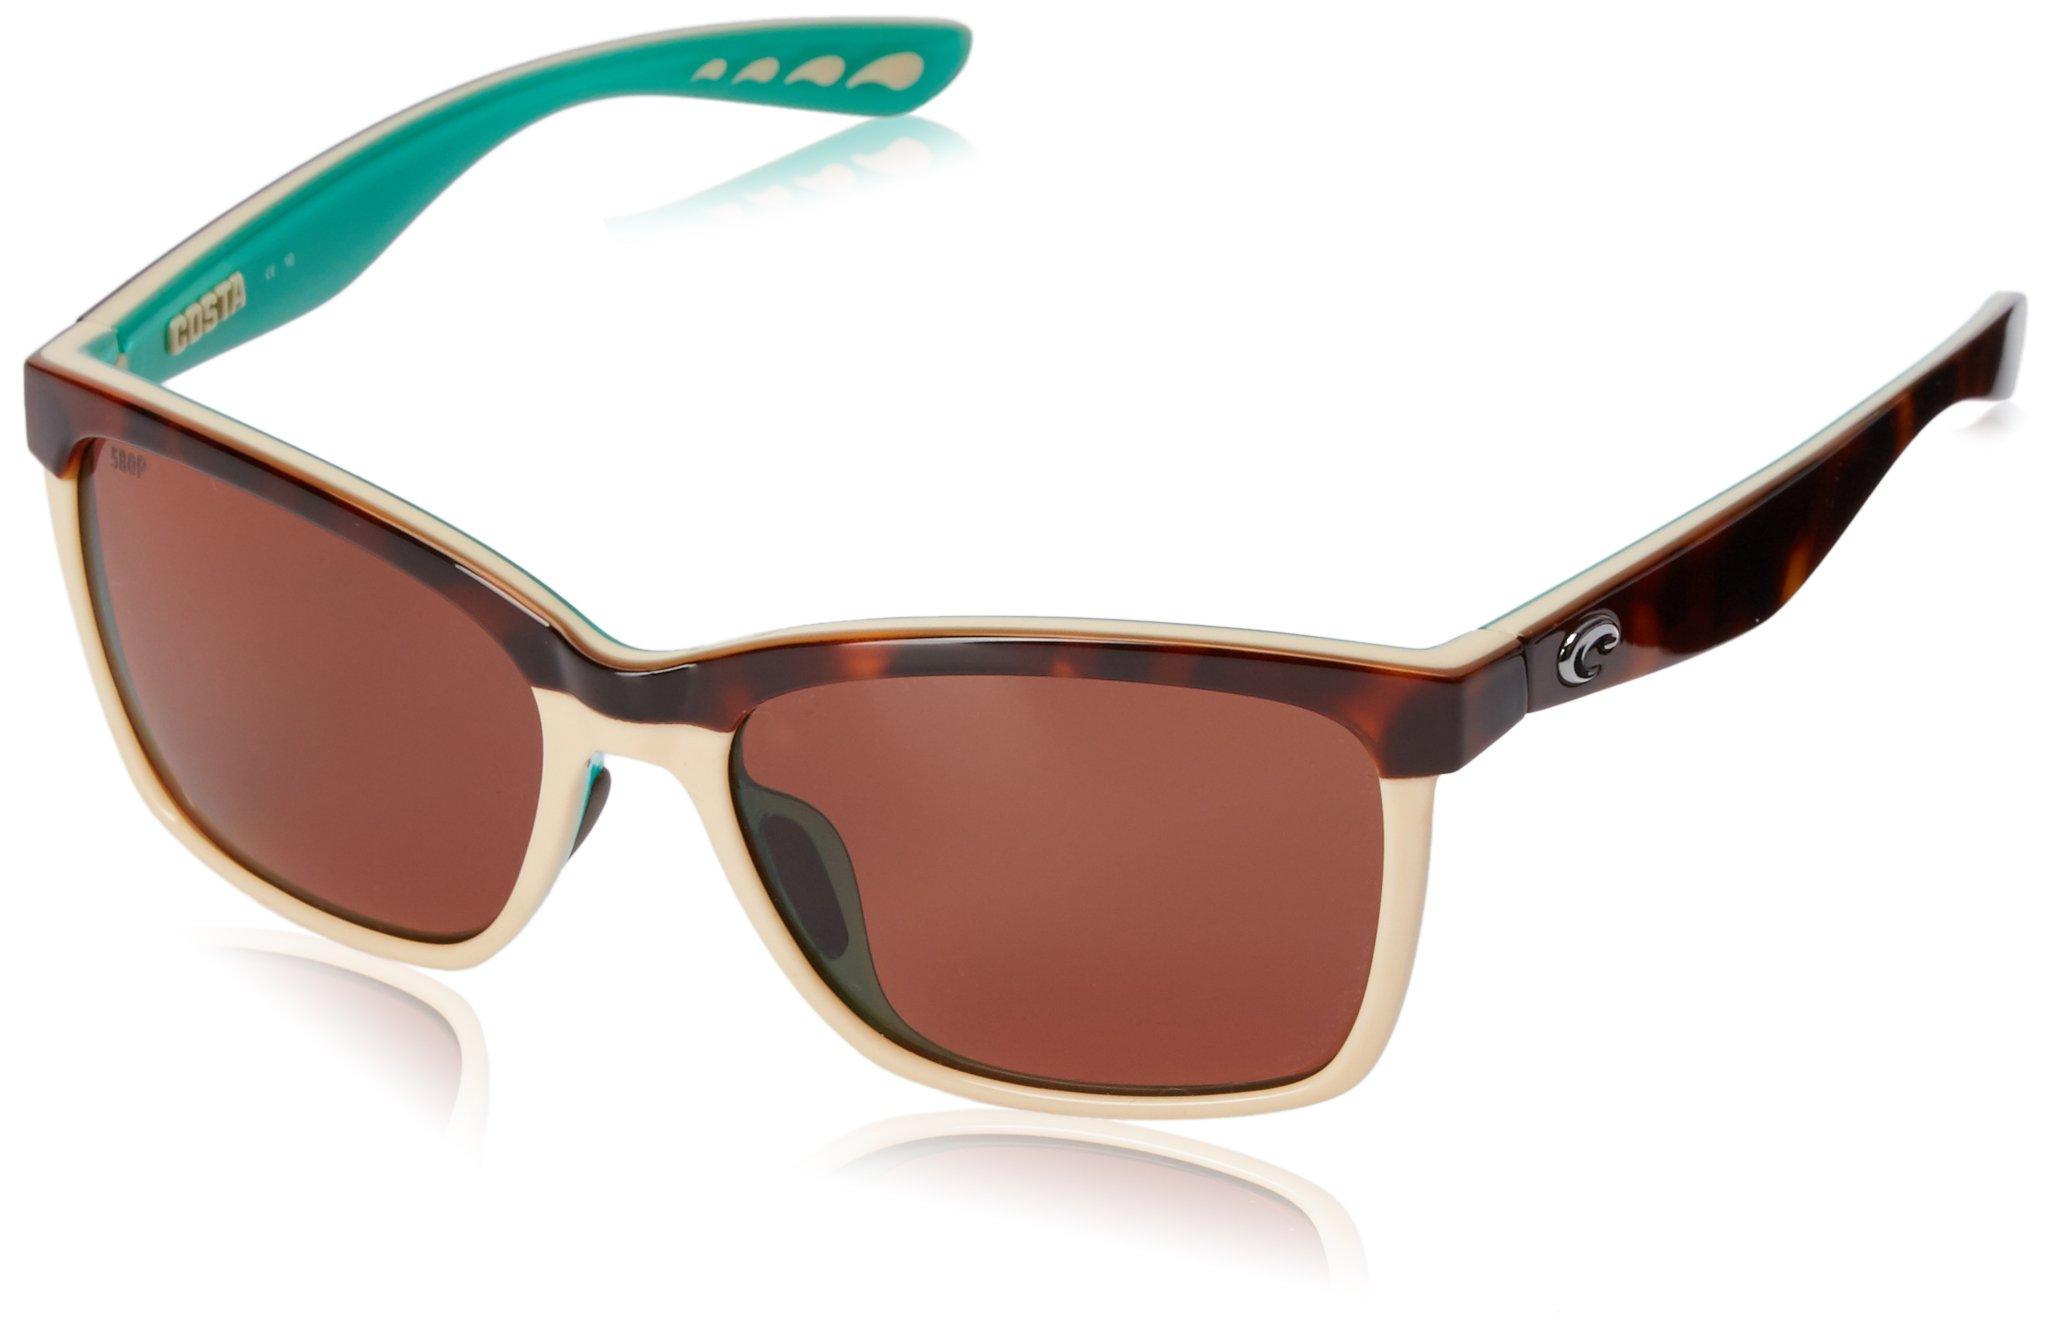 Costa del Mar Women's Anaa ANA 105 OCP Polarized Cateye Sunglasses, Retro Tort/Cream/Mint, 55.4 mm by Costa Del Mar